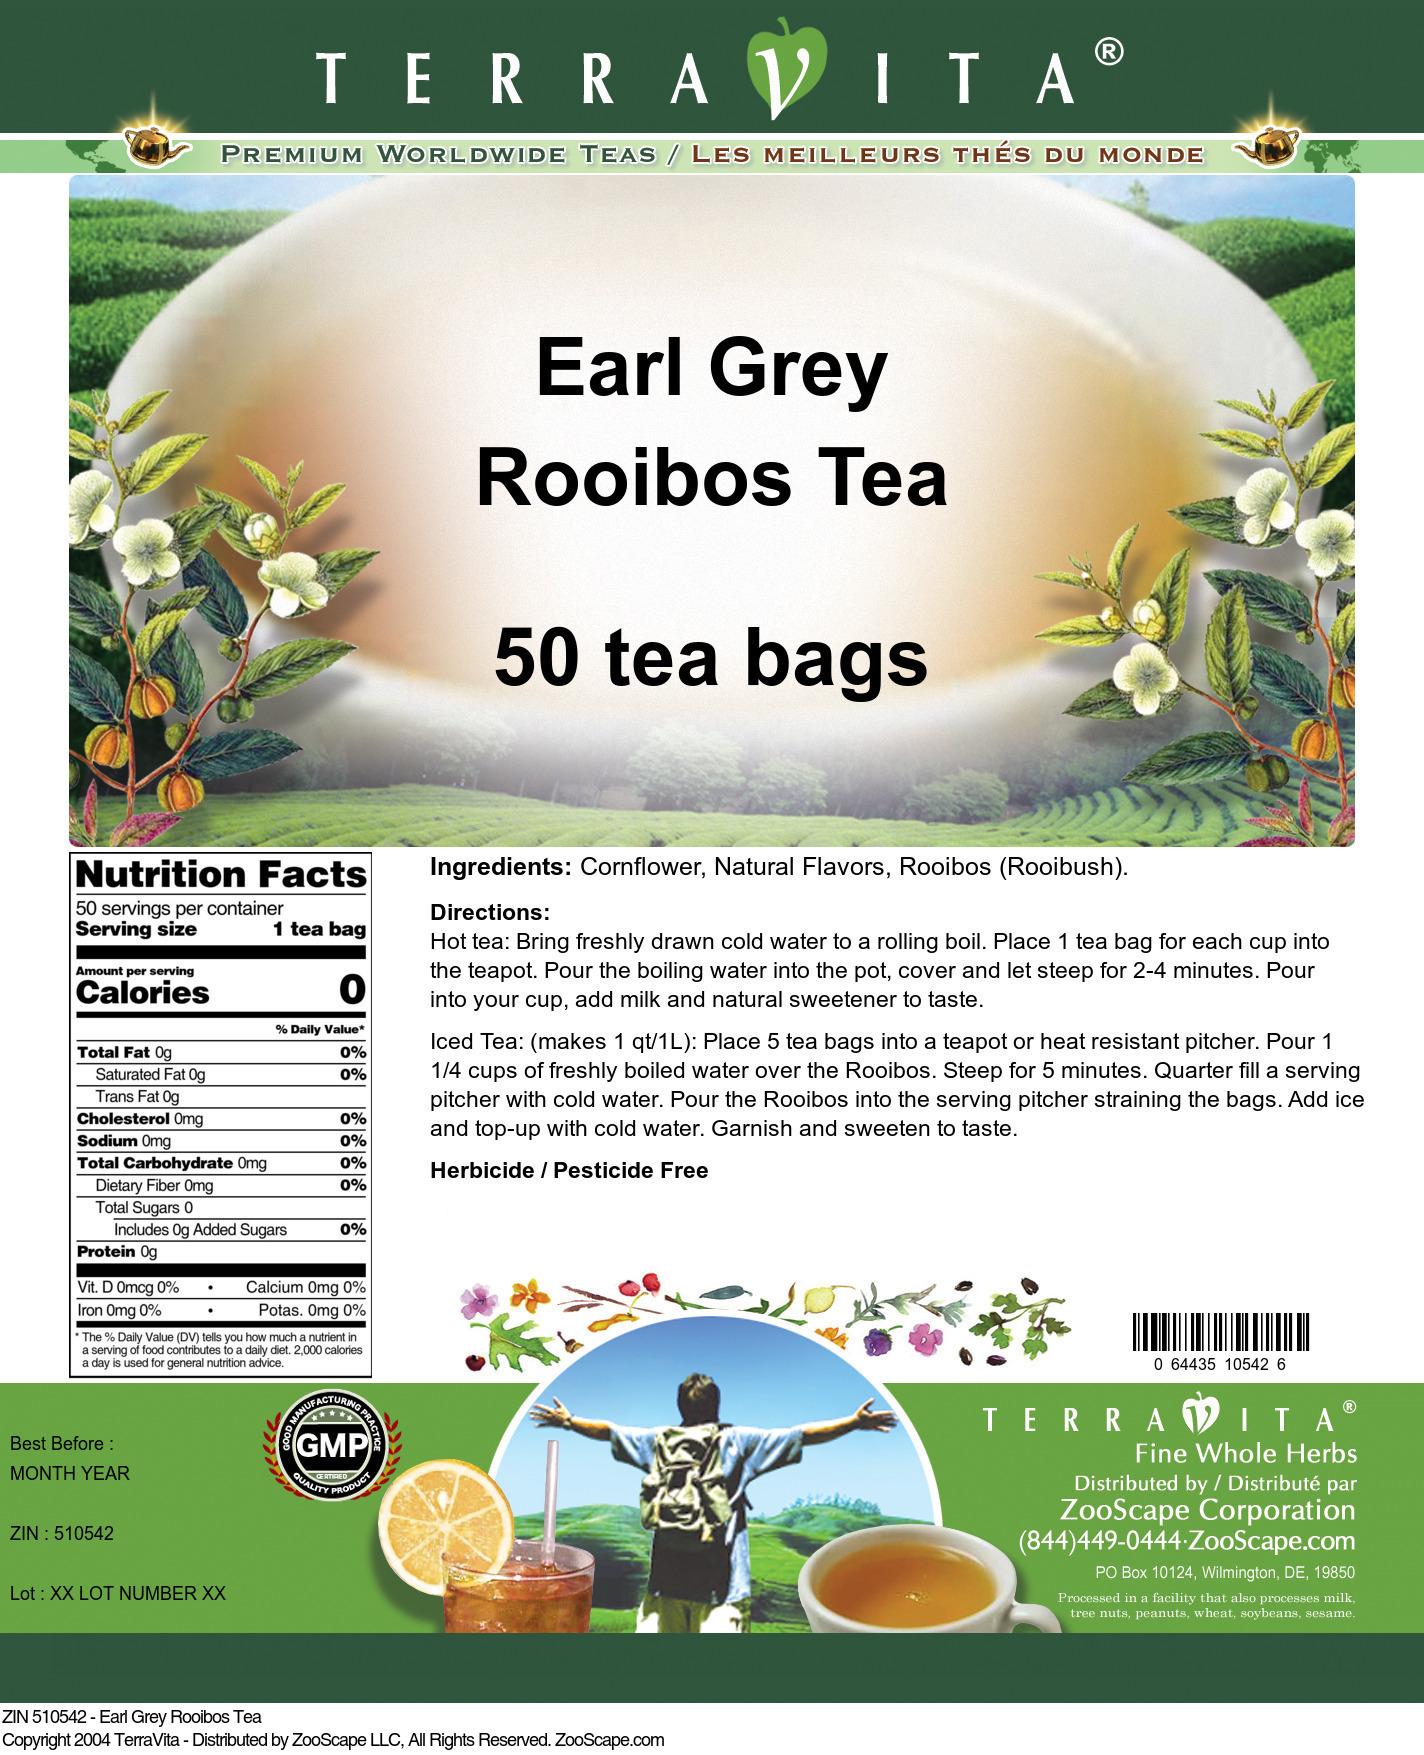 Earl Grey Rooibos